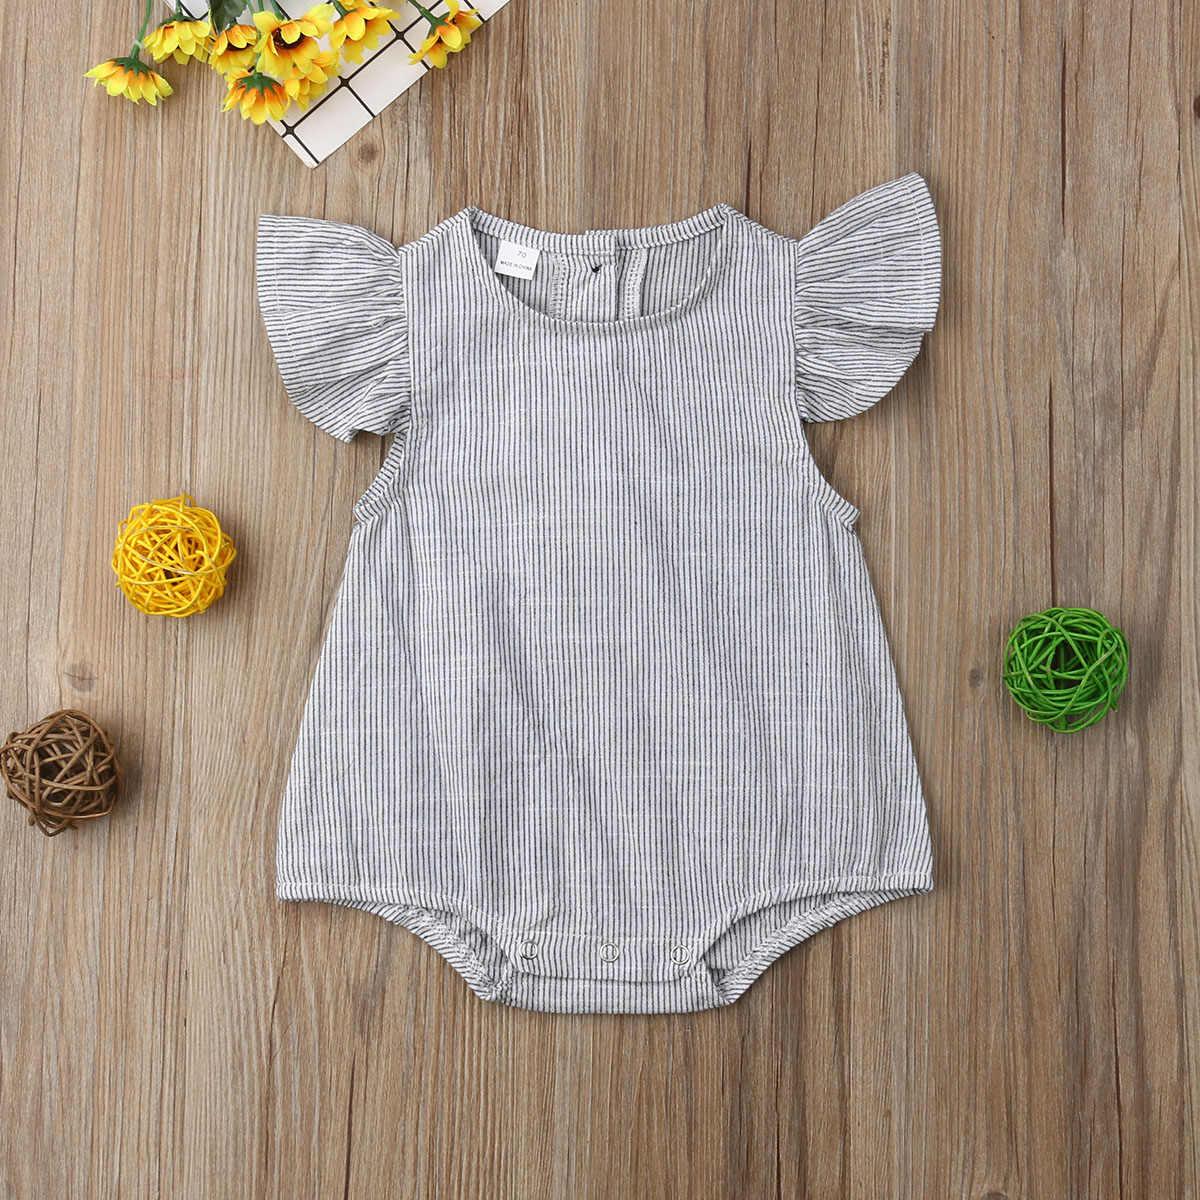 2019 Marka Yeni Yenidoğan Bebek Çocuk Bebek Kız Erkek Romper Petal Kolsuz Çizgili pamuk tulum Tulum yaz giysileri 0-18 M